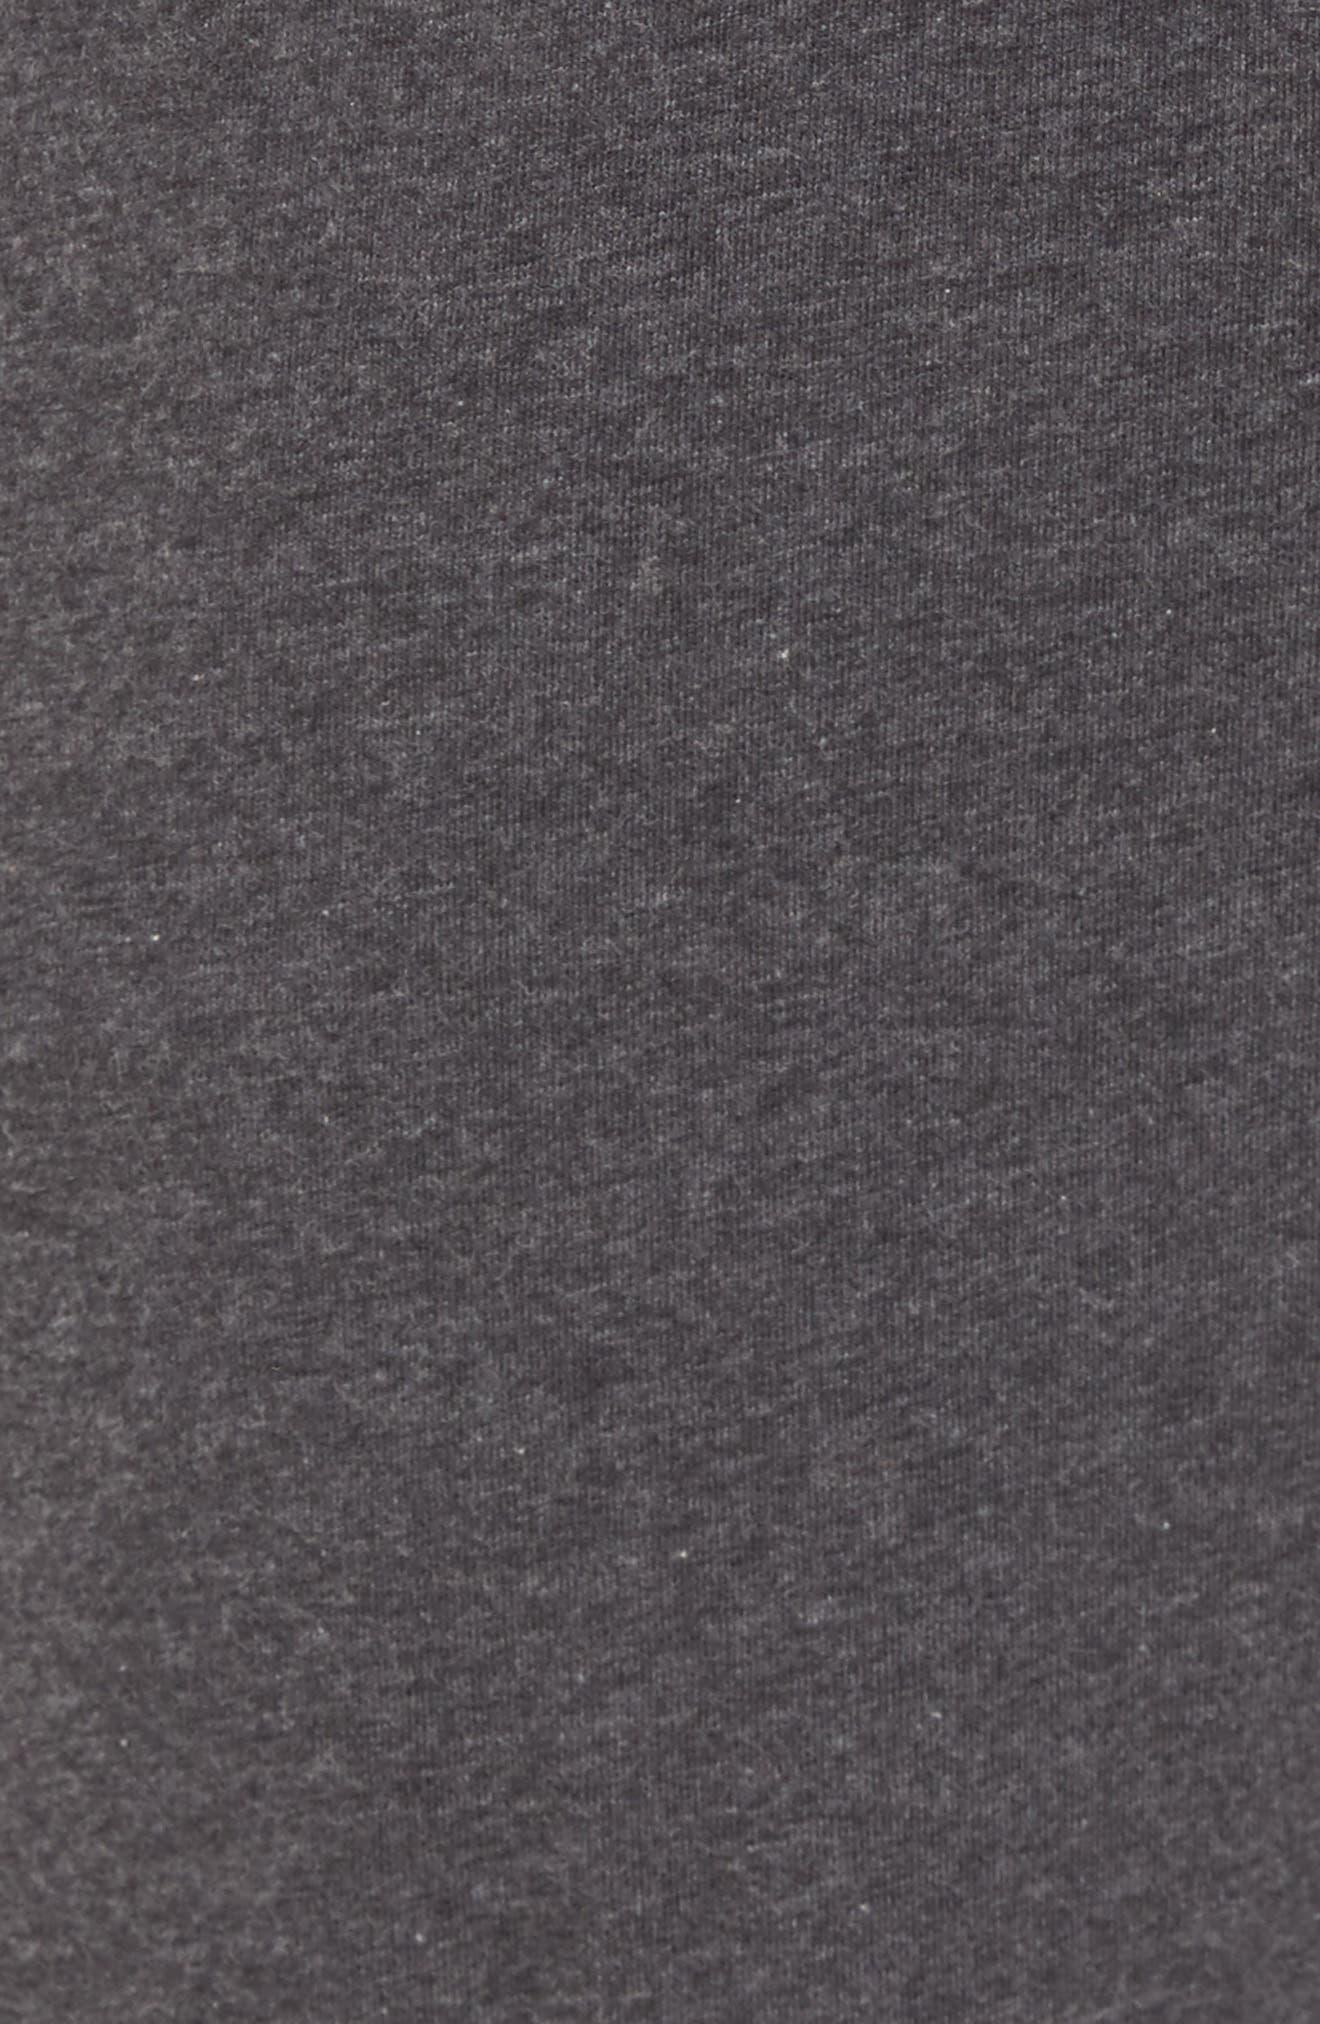 Stretch Cotton Lounge Pants,                             Alternate thumbnail 5, color,                             021